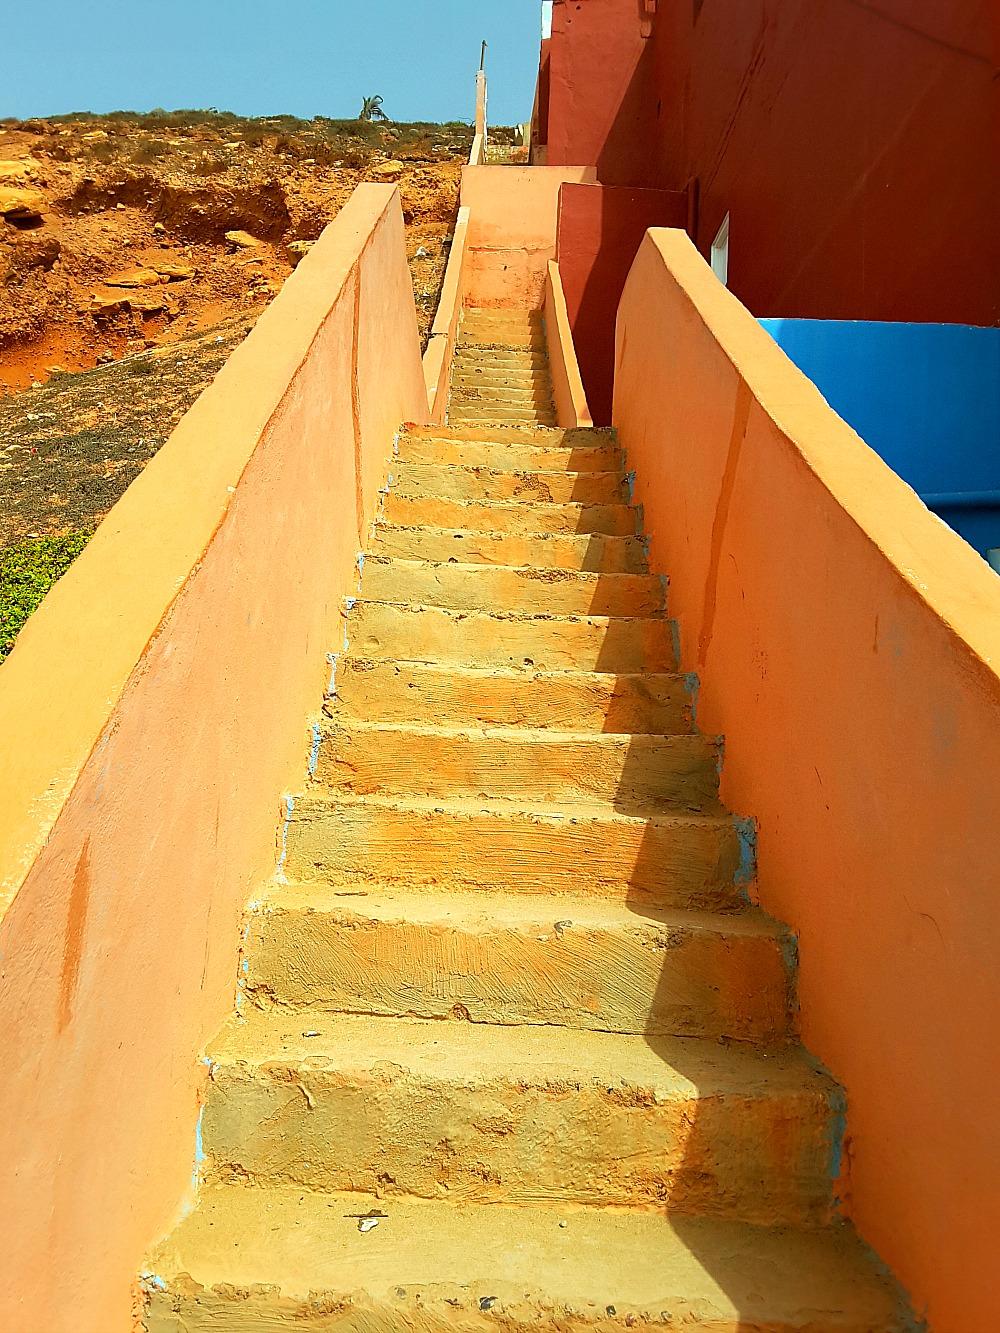 schody na plaży Legzira w Maroku